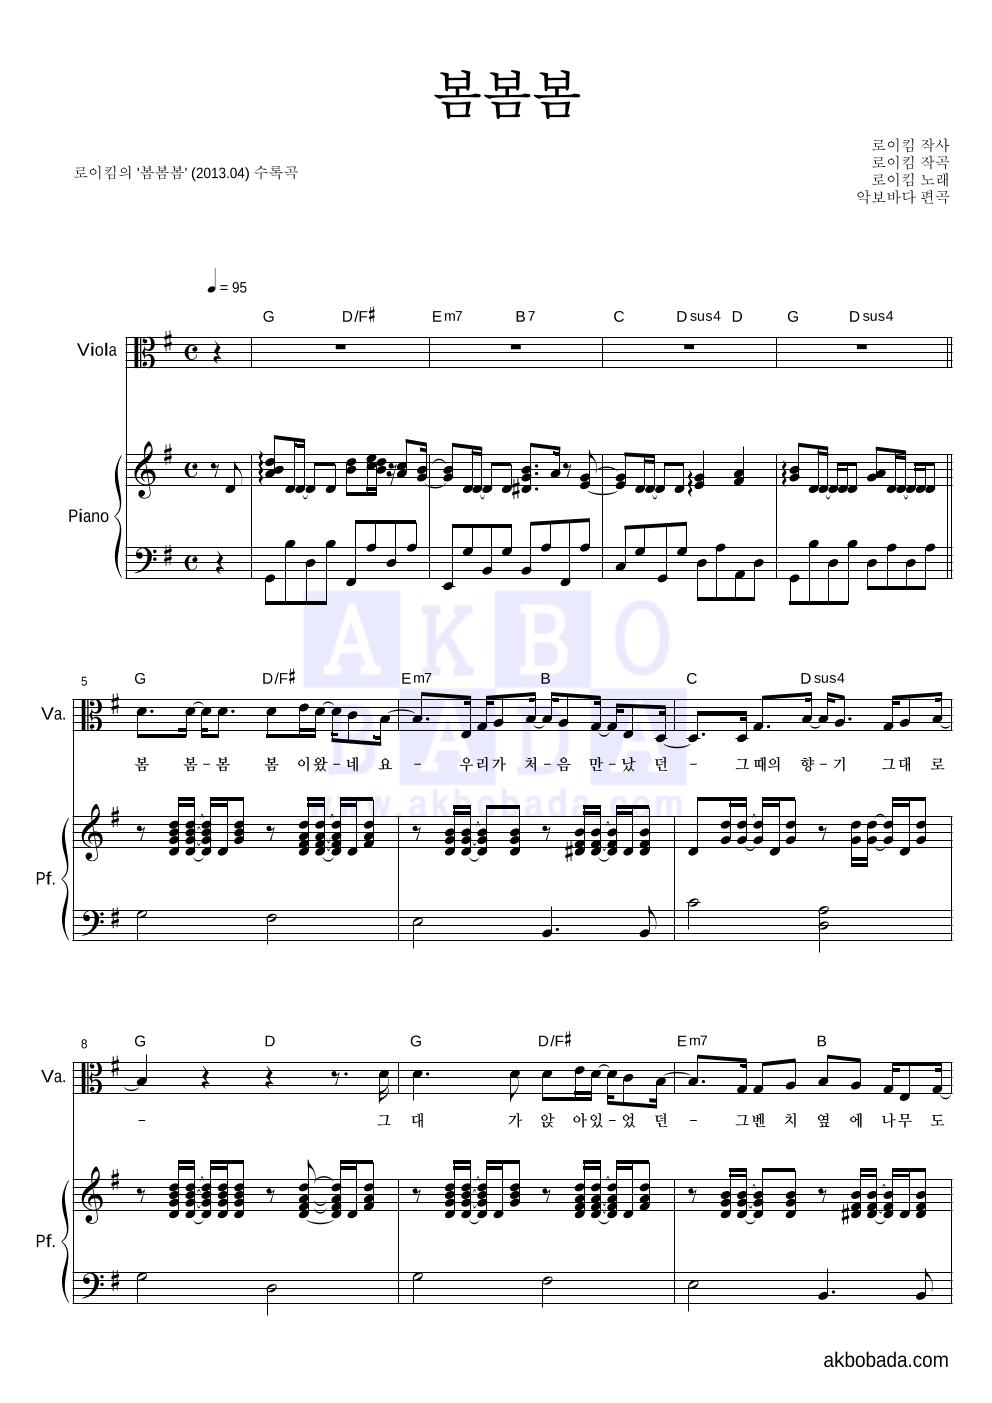 로이킴 - 봄봄봄 비올라&피아노 악보